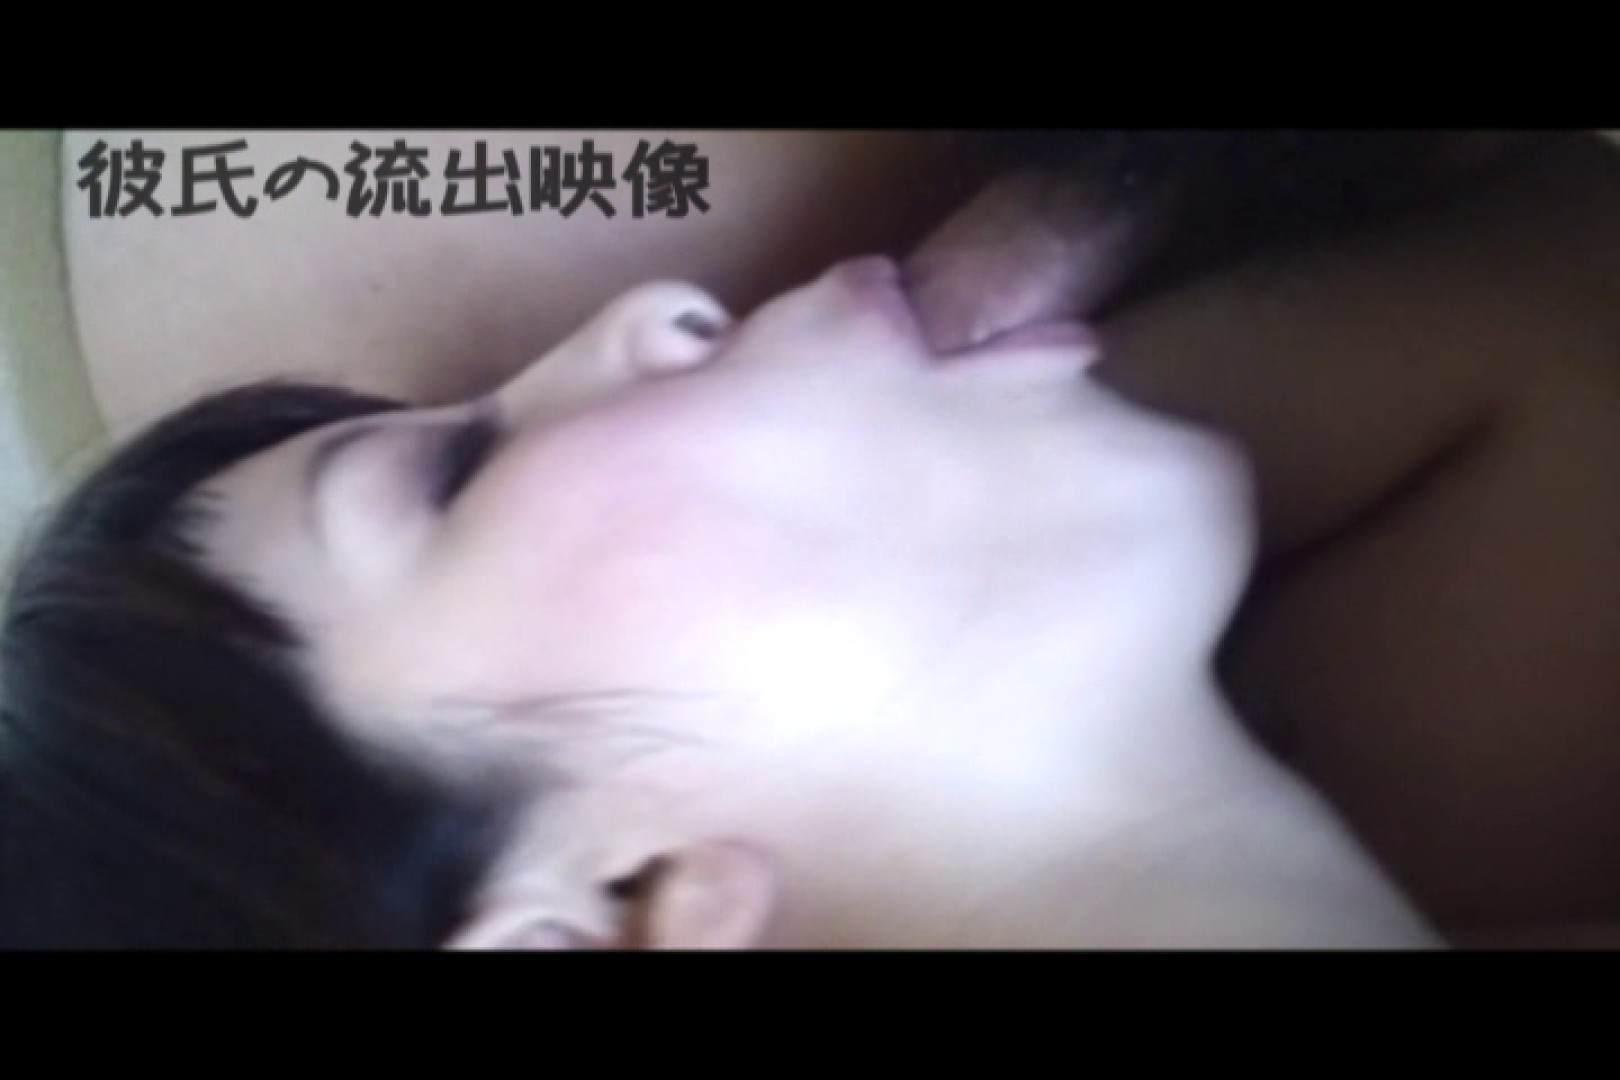 彼氏が流出 パイパン素人嬢のハメ撮り映像03 パイパン  81pic 72